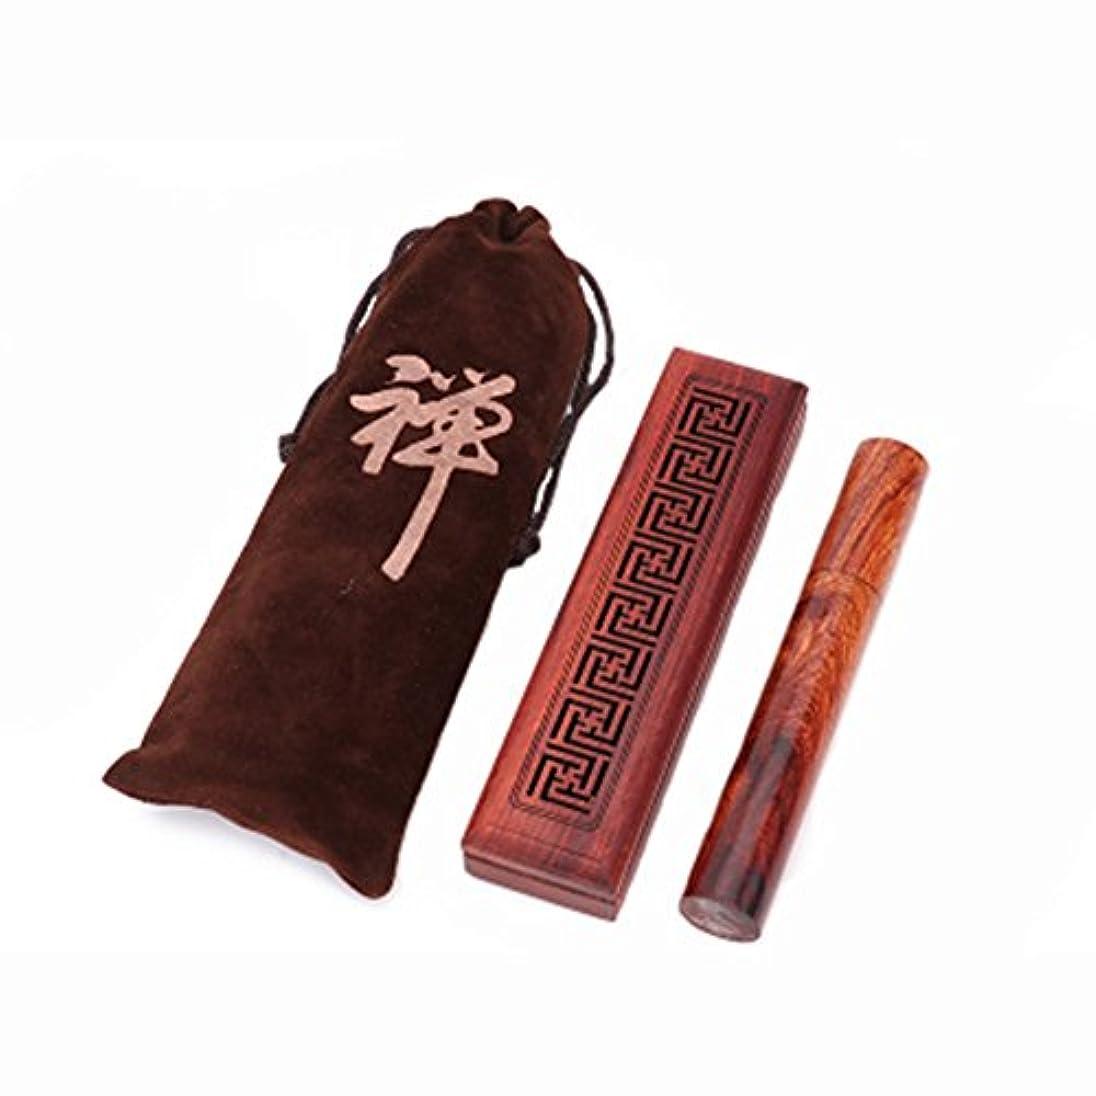 小包こどもセンター破滅的なKagoMsa お香箱 木製 お香立て おしゃれ インセンス インド 高級感 インテリア ハンドクラフト インド雑貨 アジアン雑貨 プレゼント セット スティック(6種類)